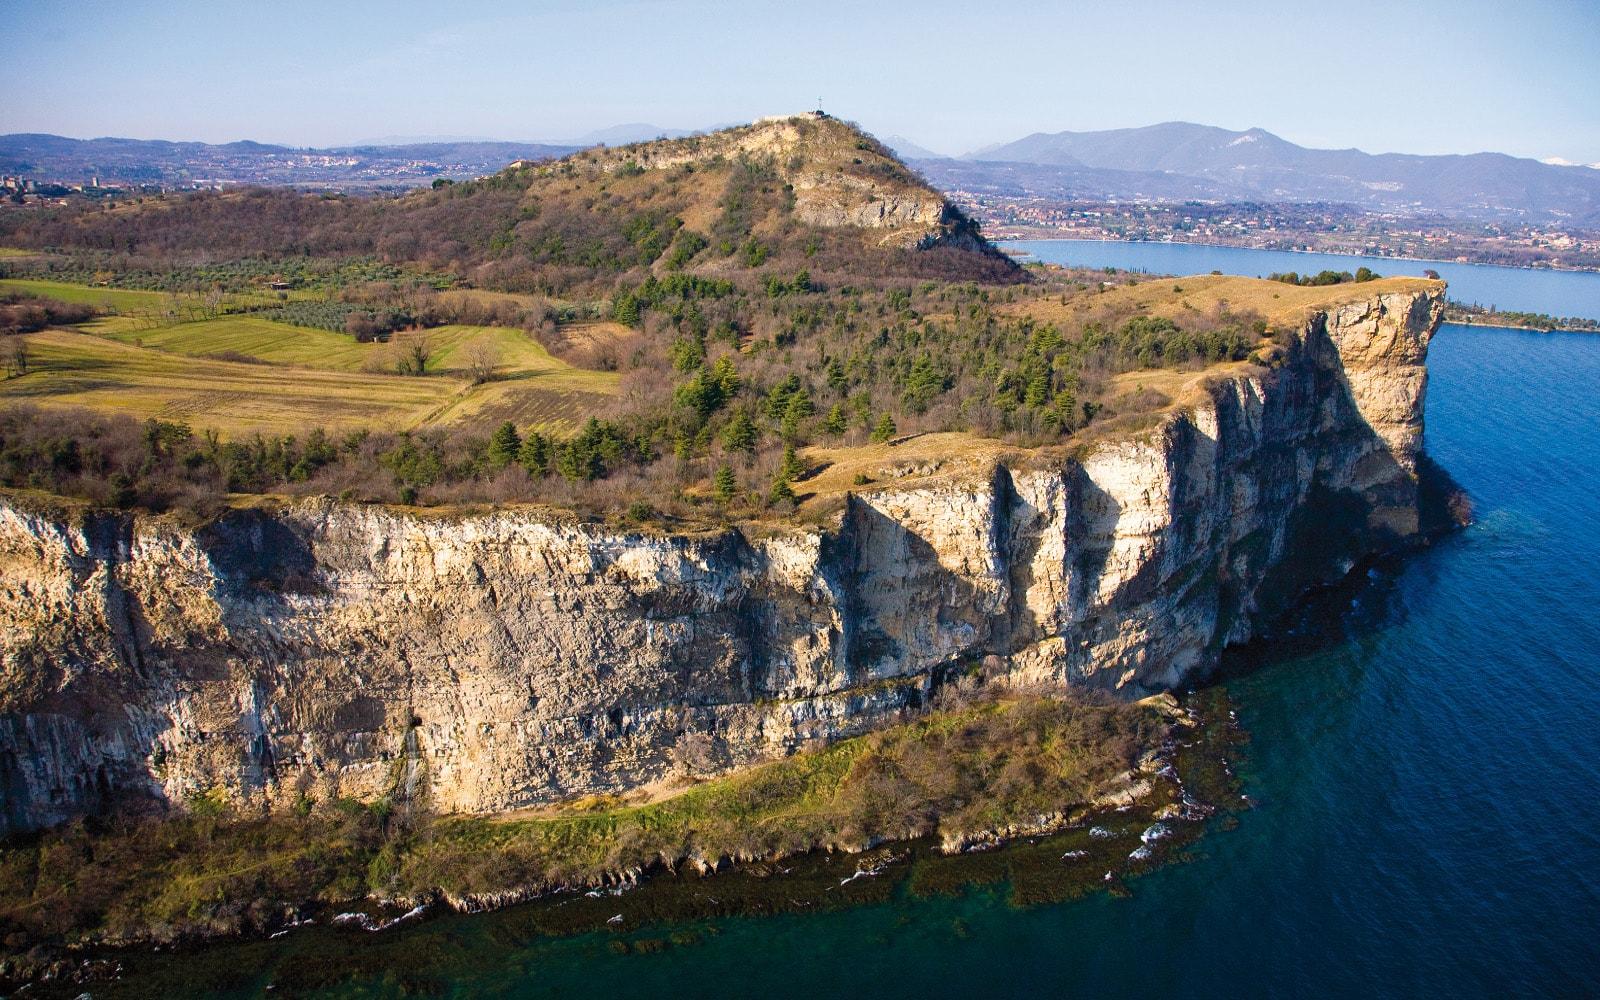 La Rocca di Manerba e le Valtenesi